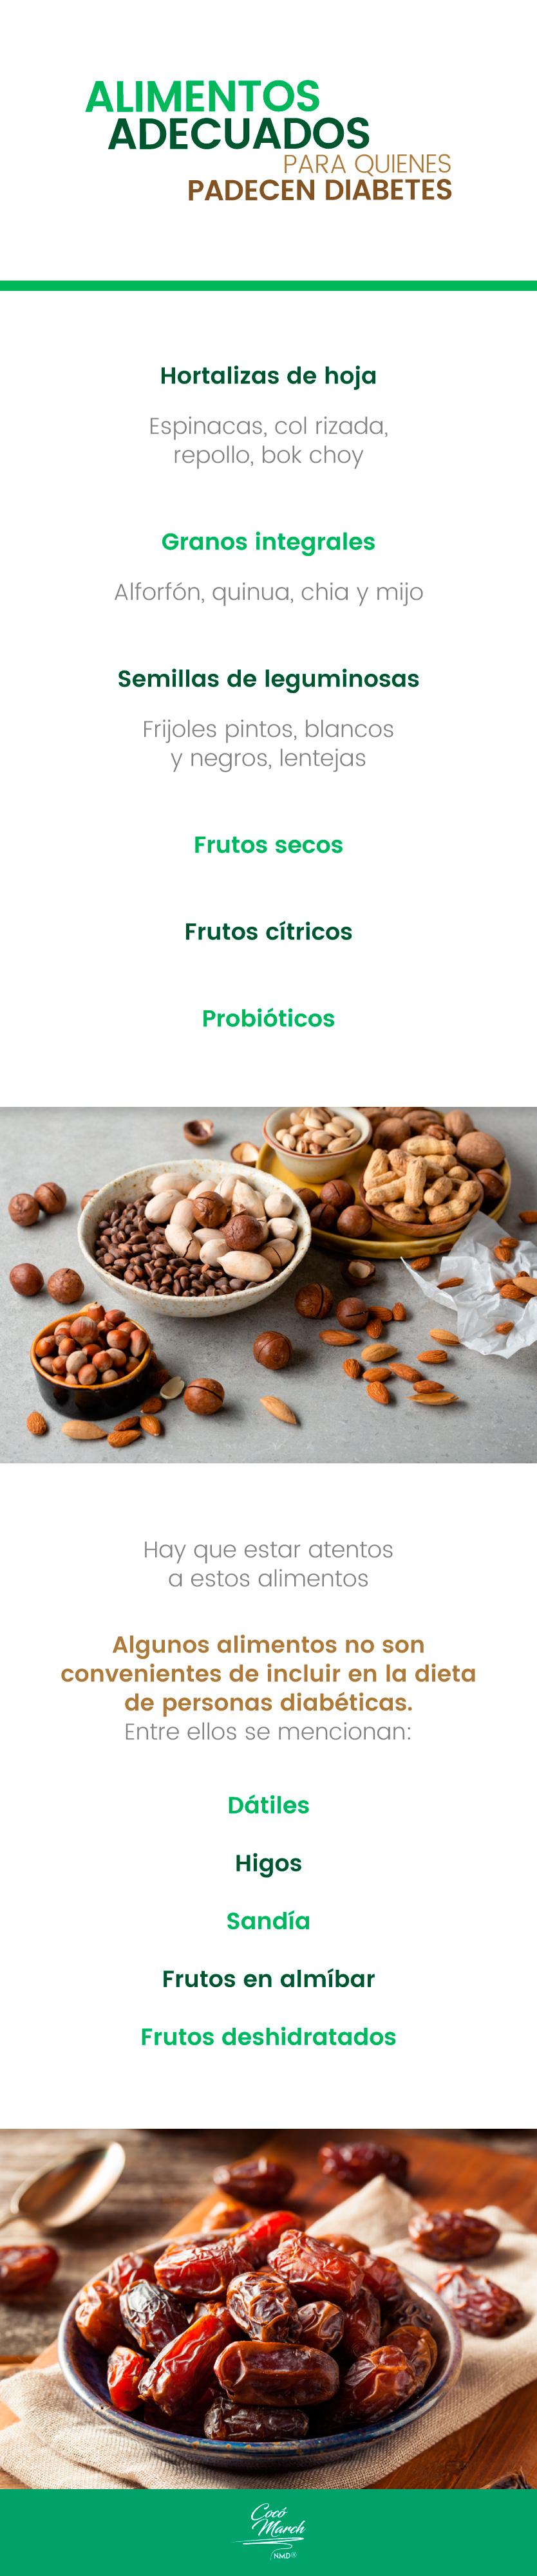 alimentos-permitidos-para-diabeticos